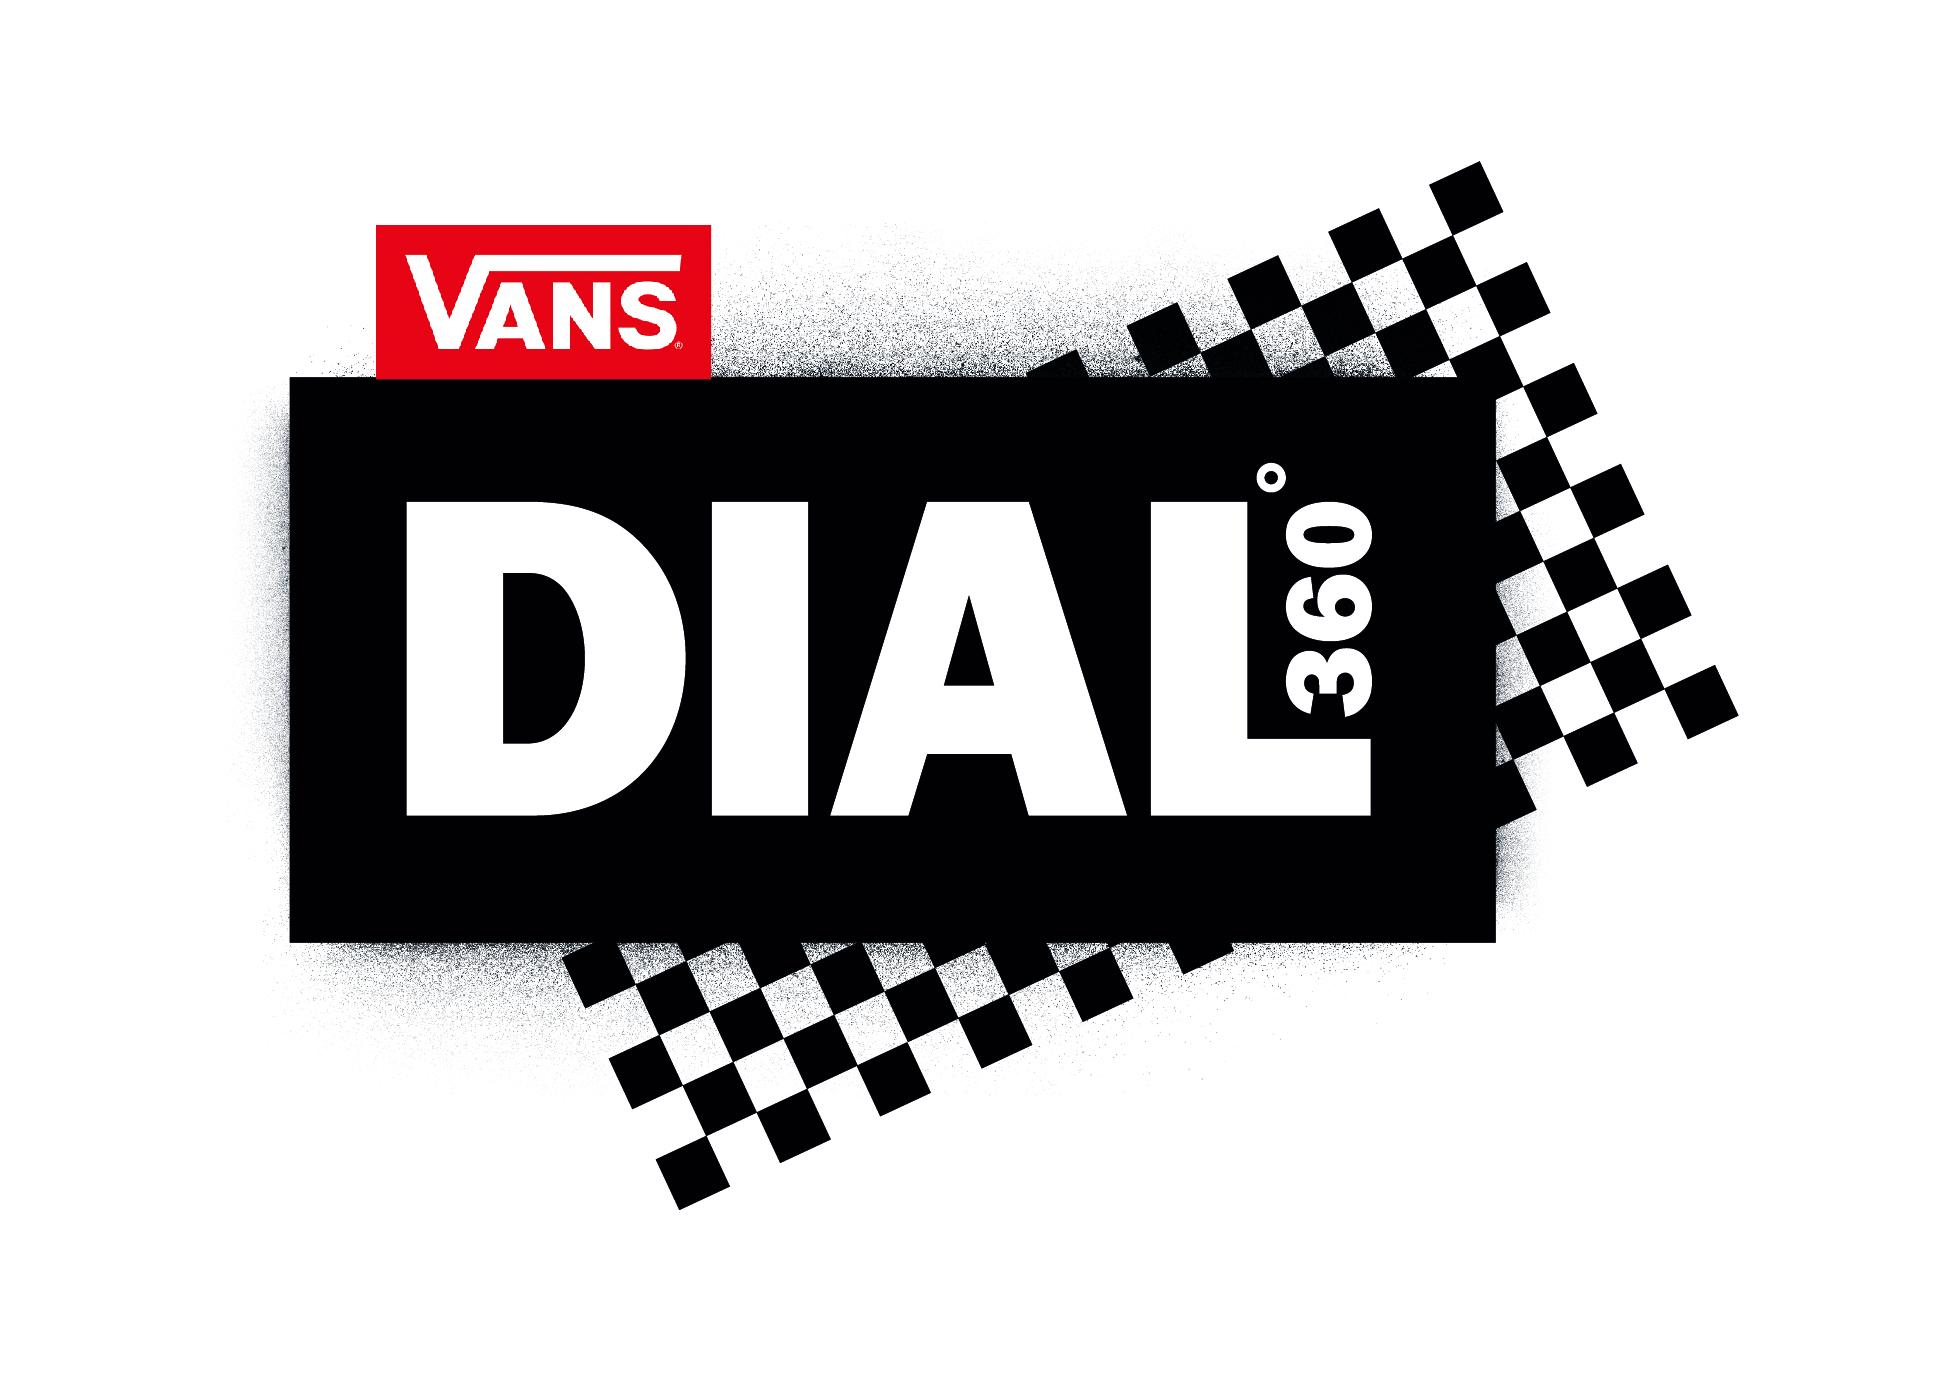 VANS DIAL 360° logo